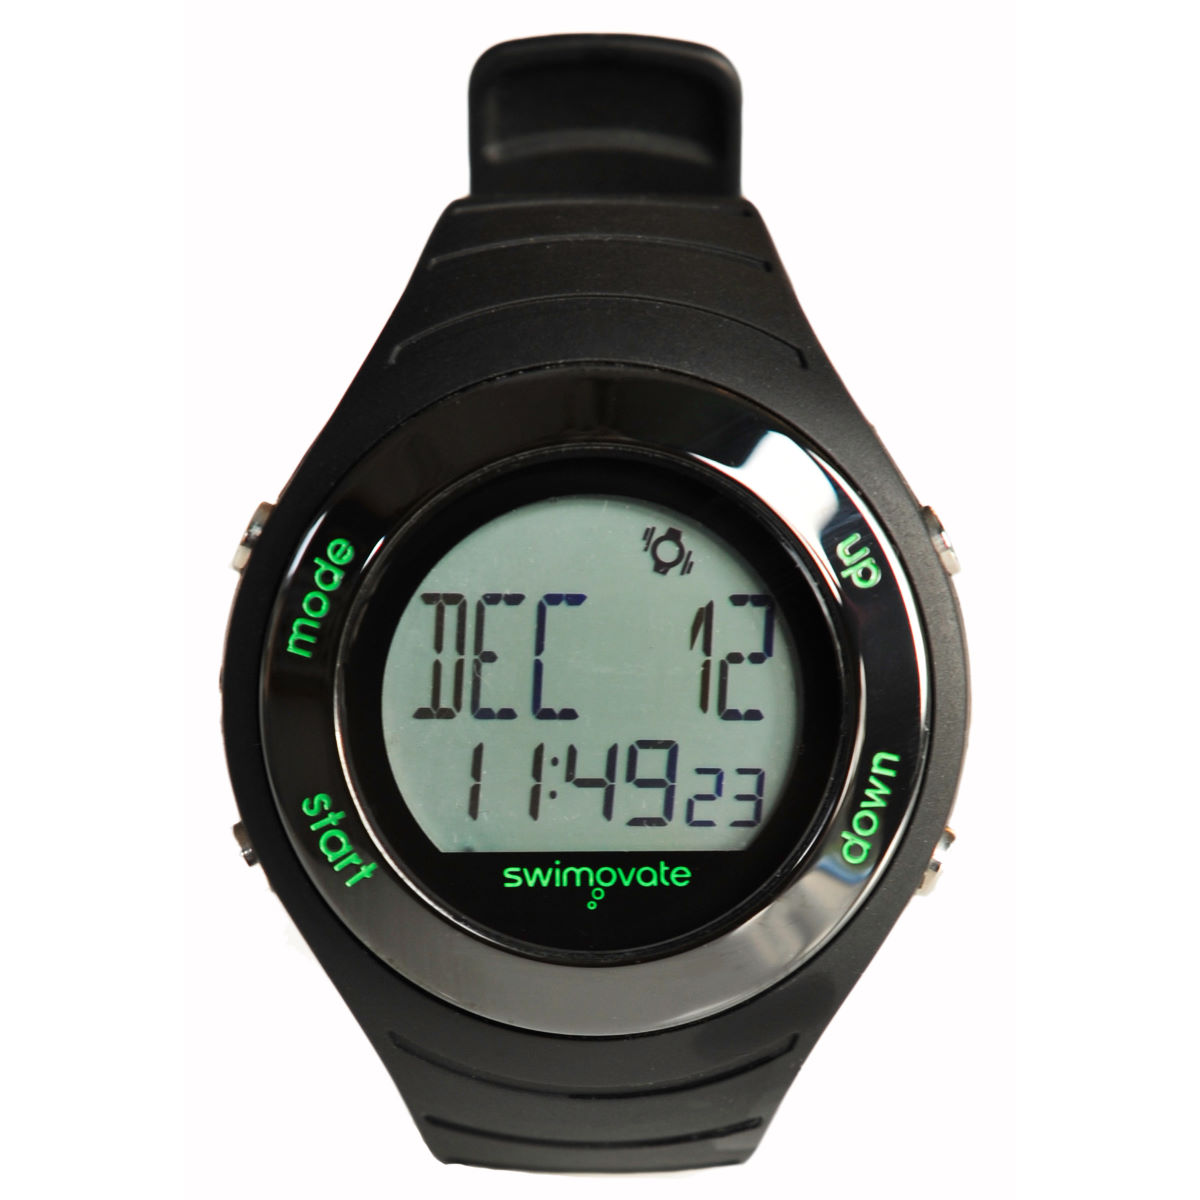 Reloj de natación Swimovate PoolMateLive (con pulsómetro) - Relojes deportivos